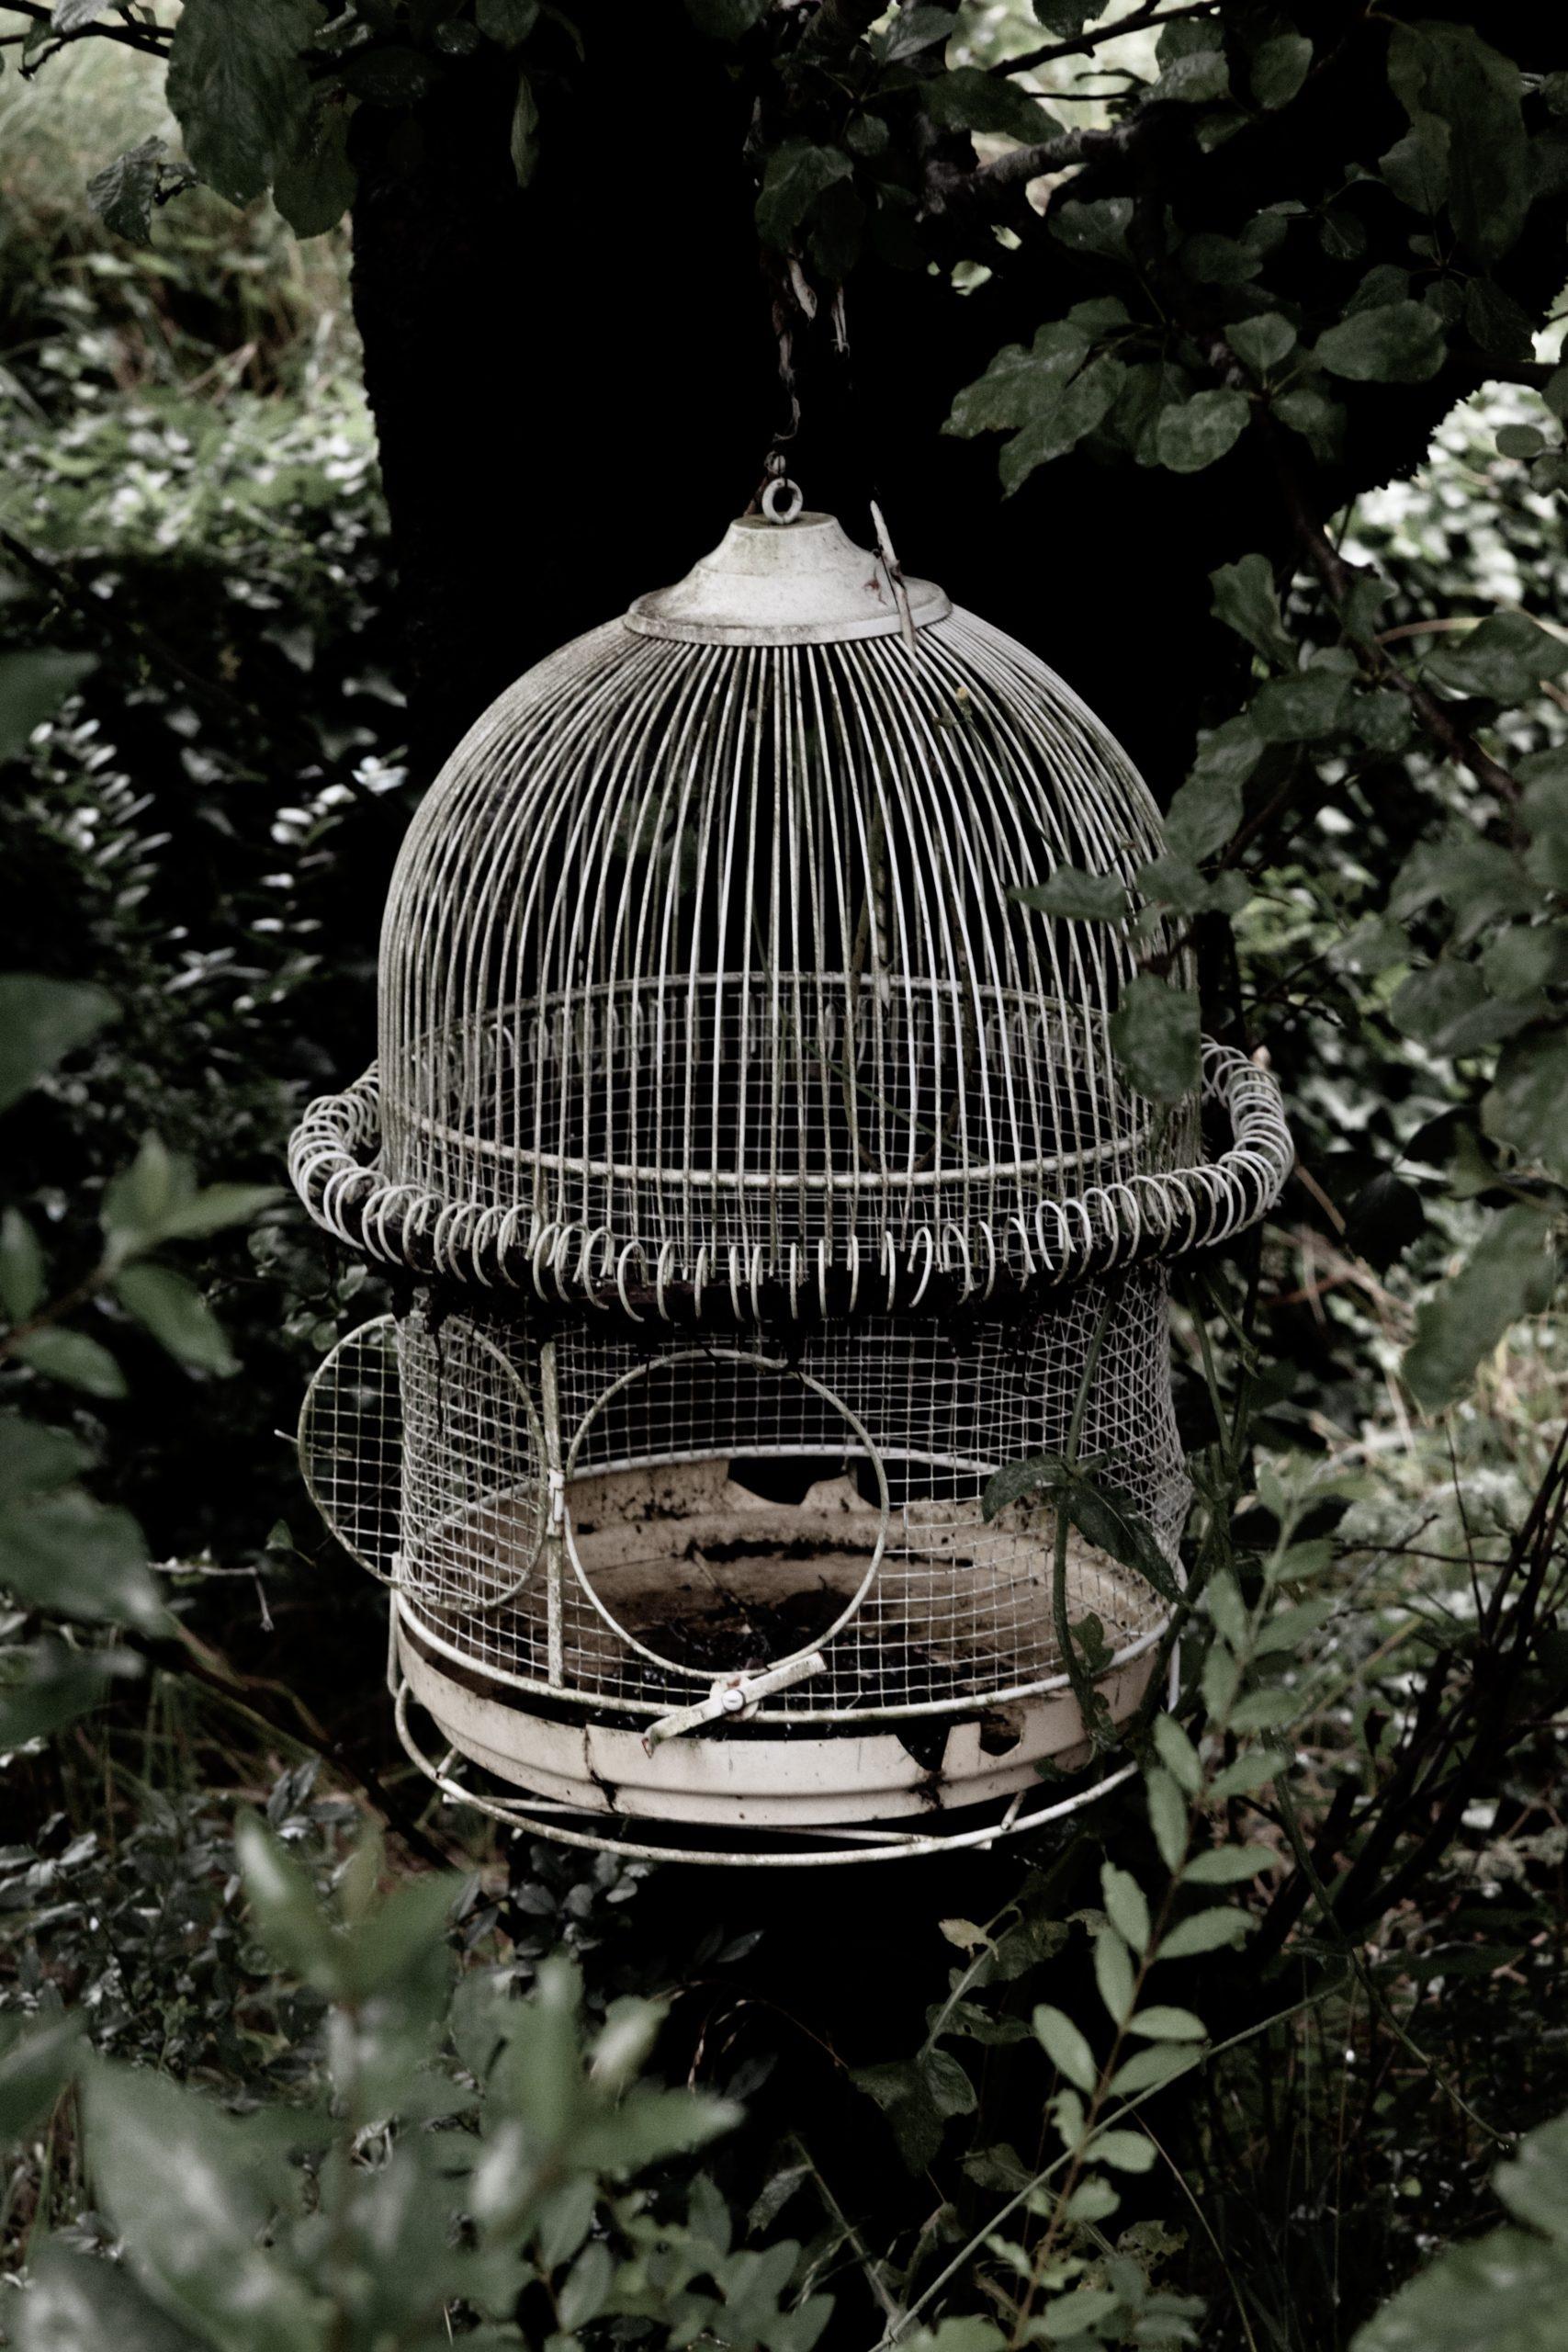 日向坂46屈指の名曲「Cage」についてオタクが解説!概要から歌詞の意味まで